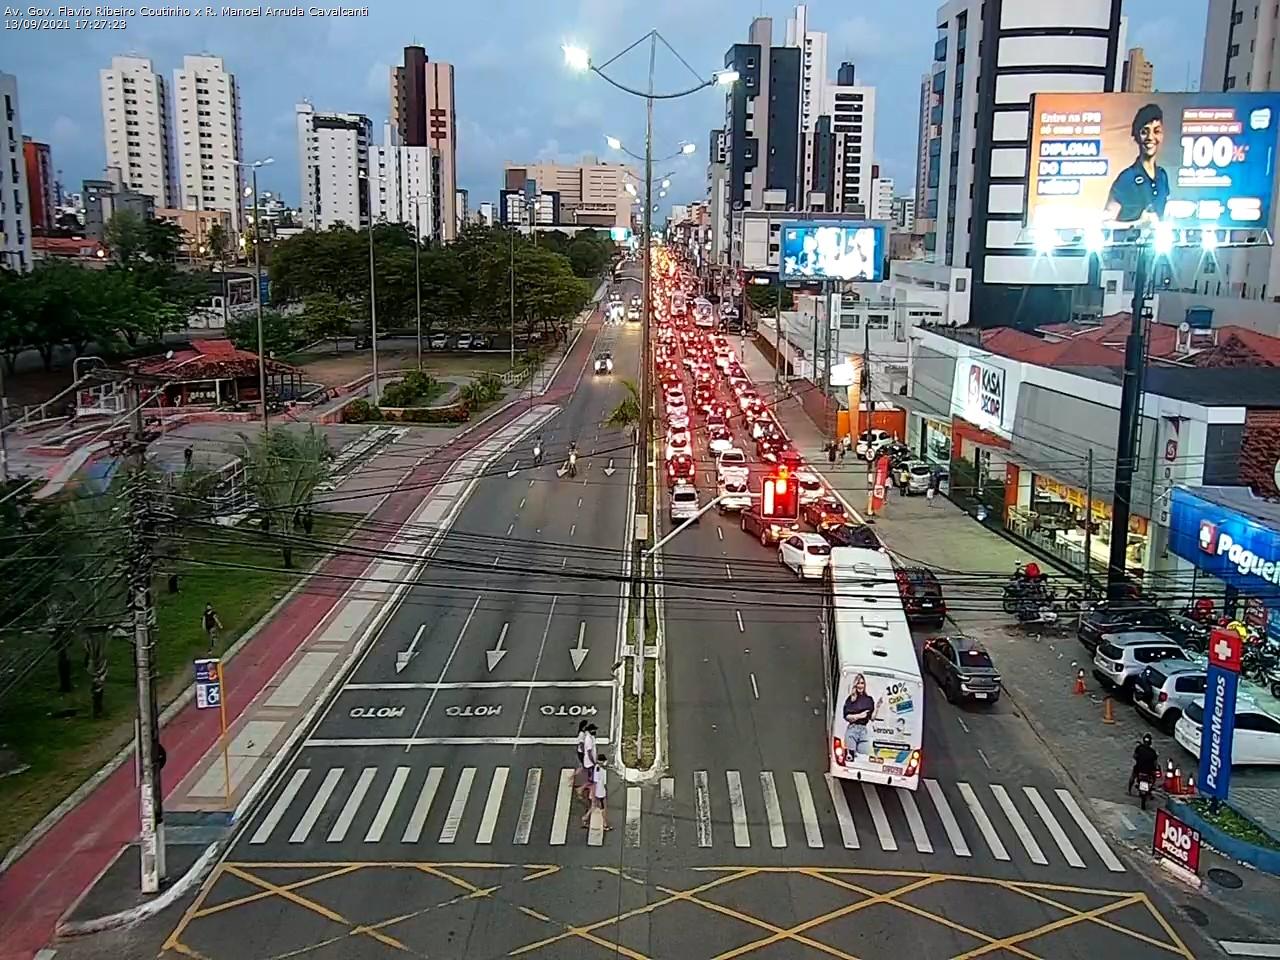 motoboy3 Motoboys fecham avenida em protesto após morte de entregador em acidente no Retão de Manaíra em João Pessoa